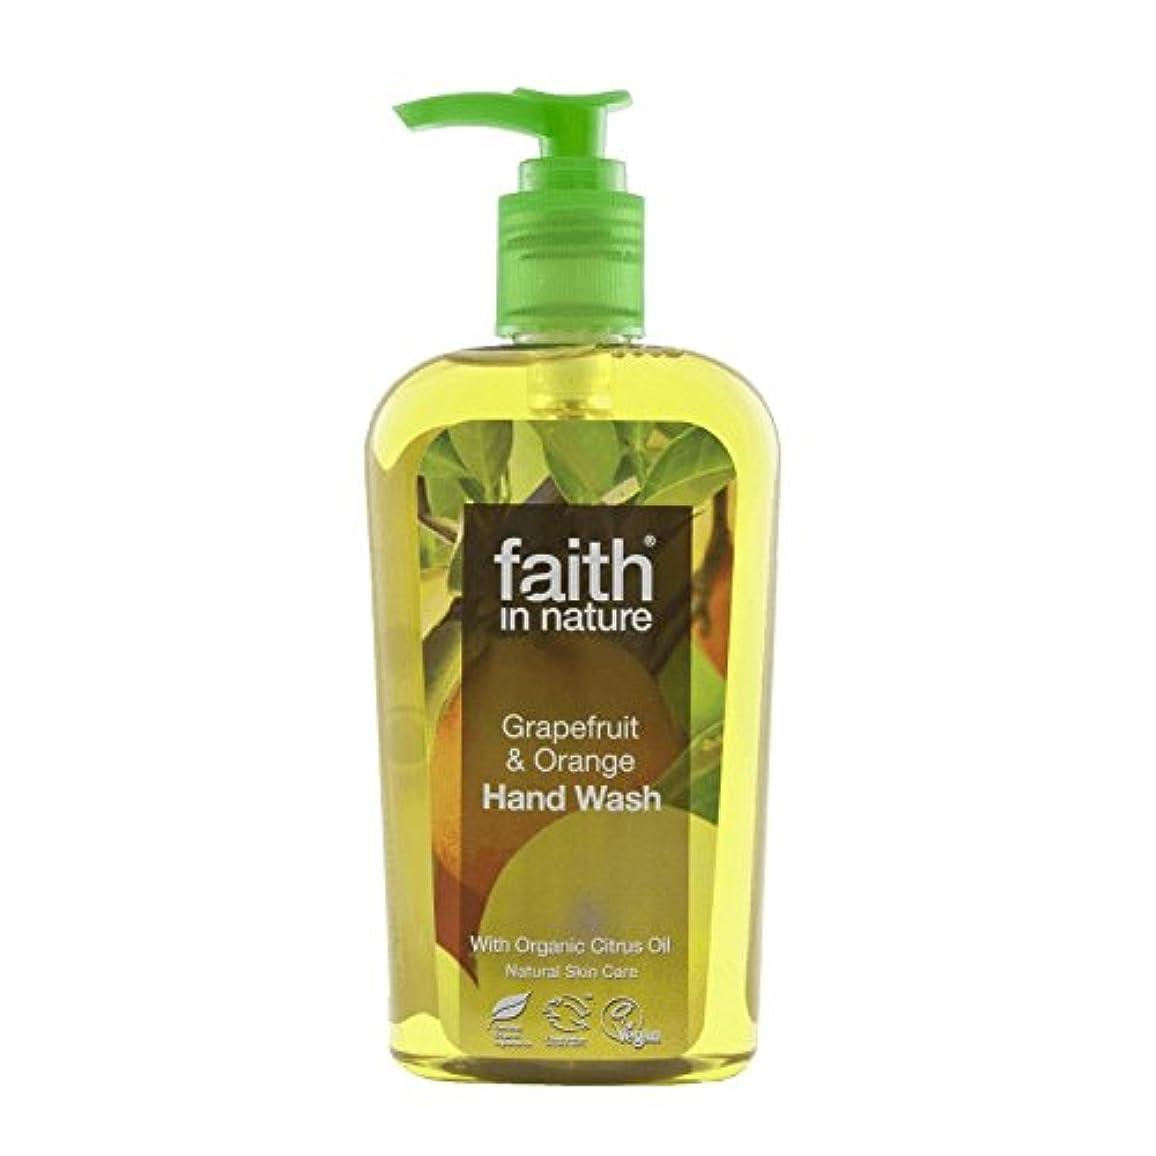 ビリー抹消雇用Faith In Nature Grapefruit & Orange Handwash 300ml (Pack of 6) - 自然グレープフルーツ&オレンジ手洗いの300ミリリットルの信仰 (x6) [並行輸入品]